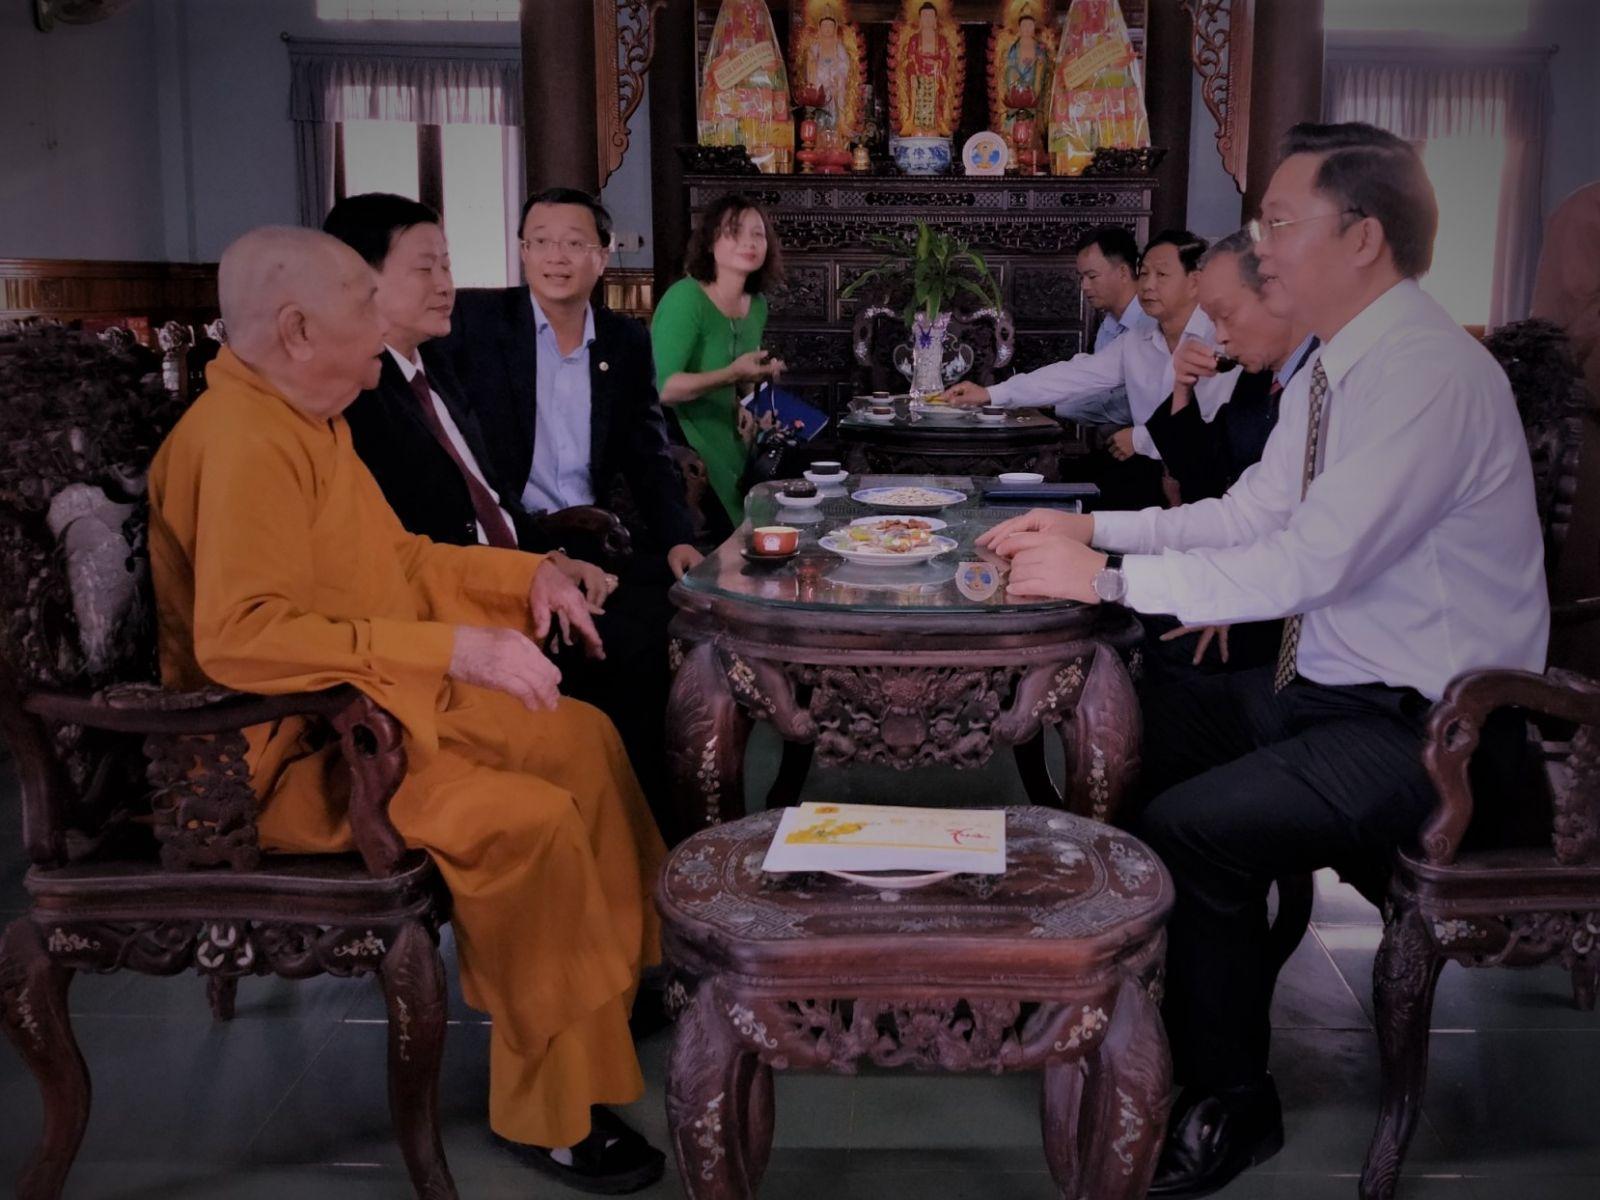 Quảng Nam: Lãnh đạo tỉnh thăm, chúc tết Đức Phó Pháp Chủ GHPGVN và Ban Trị Sự Phật giáo tỉnh